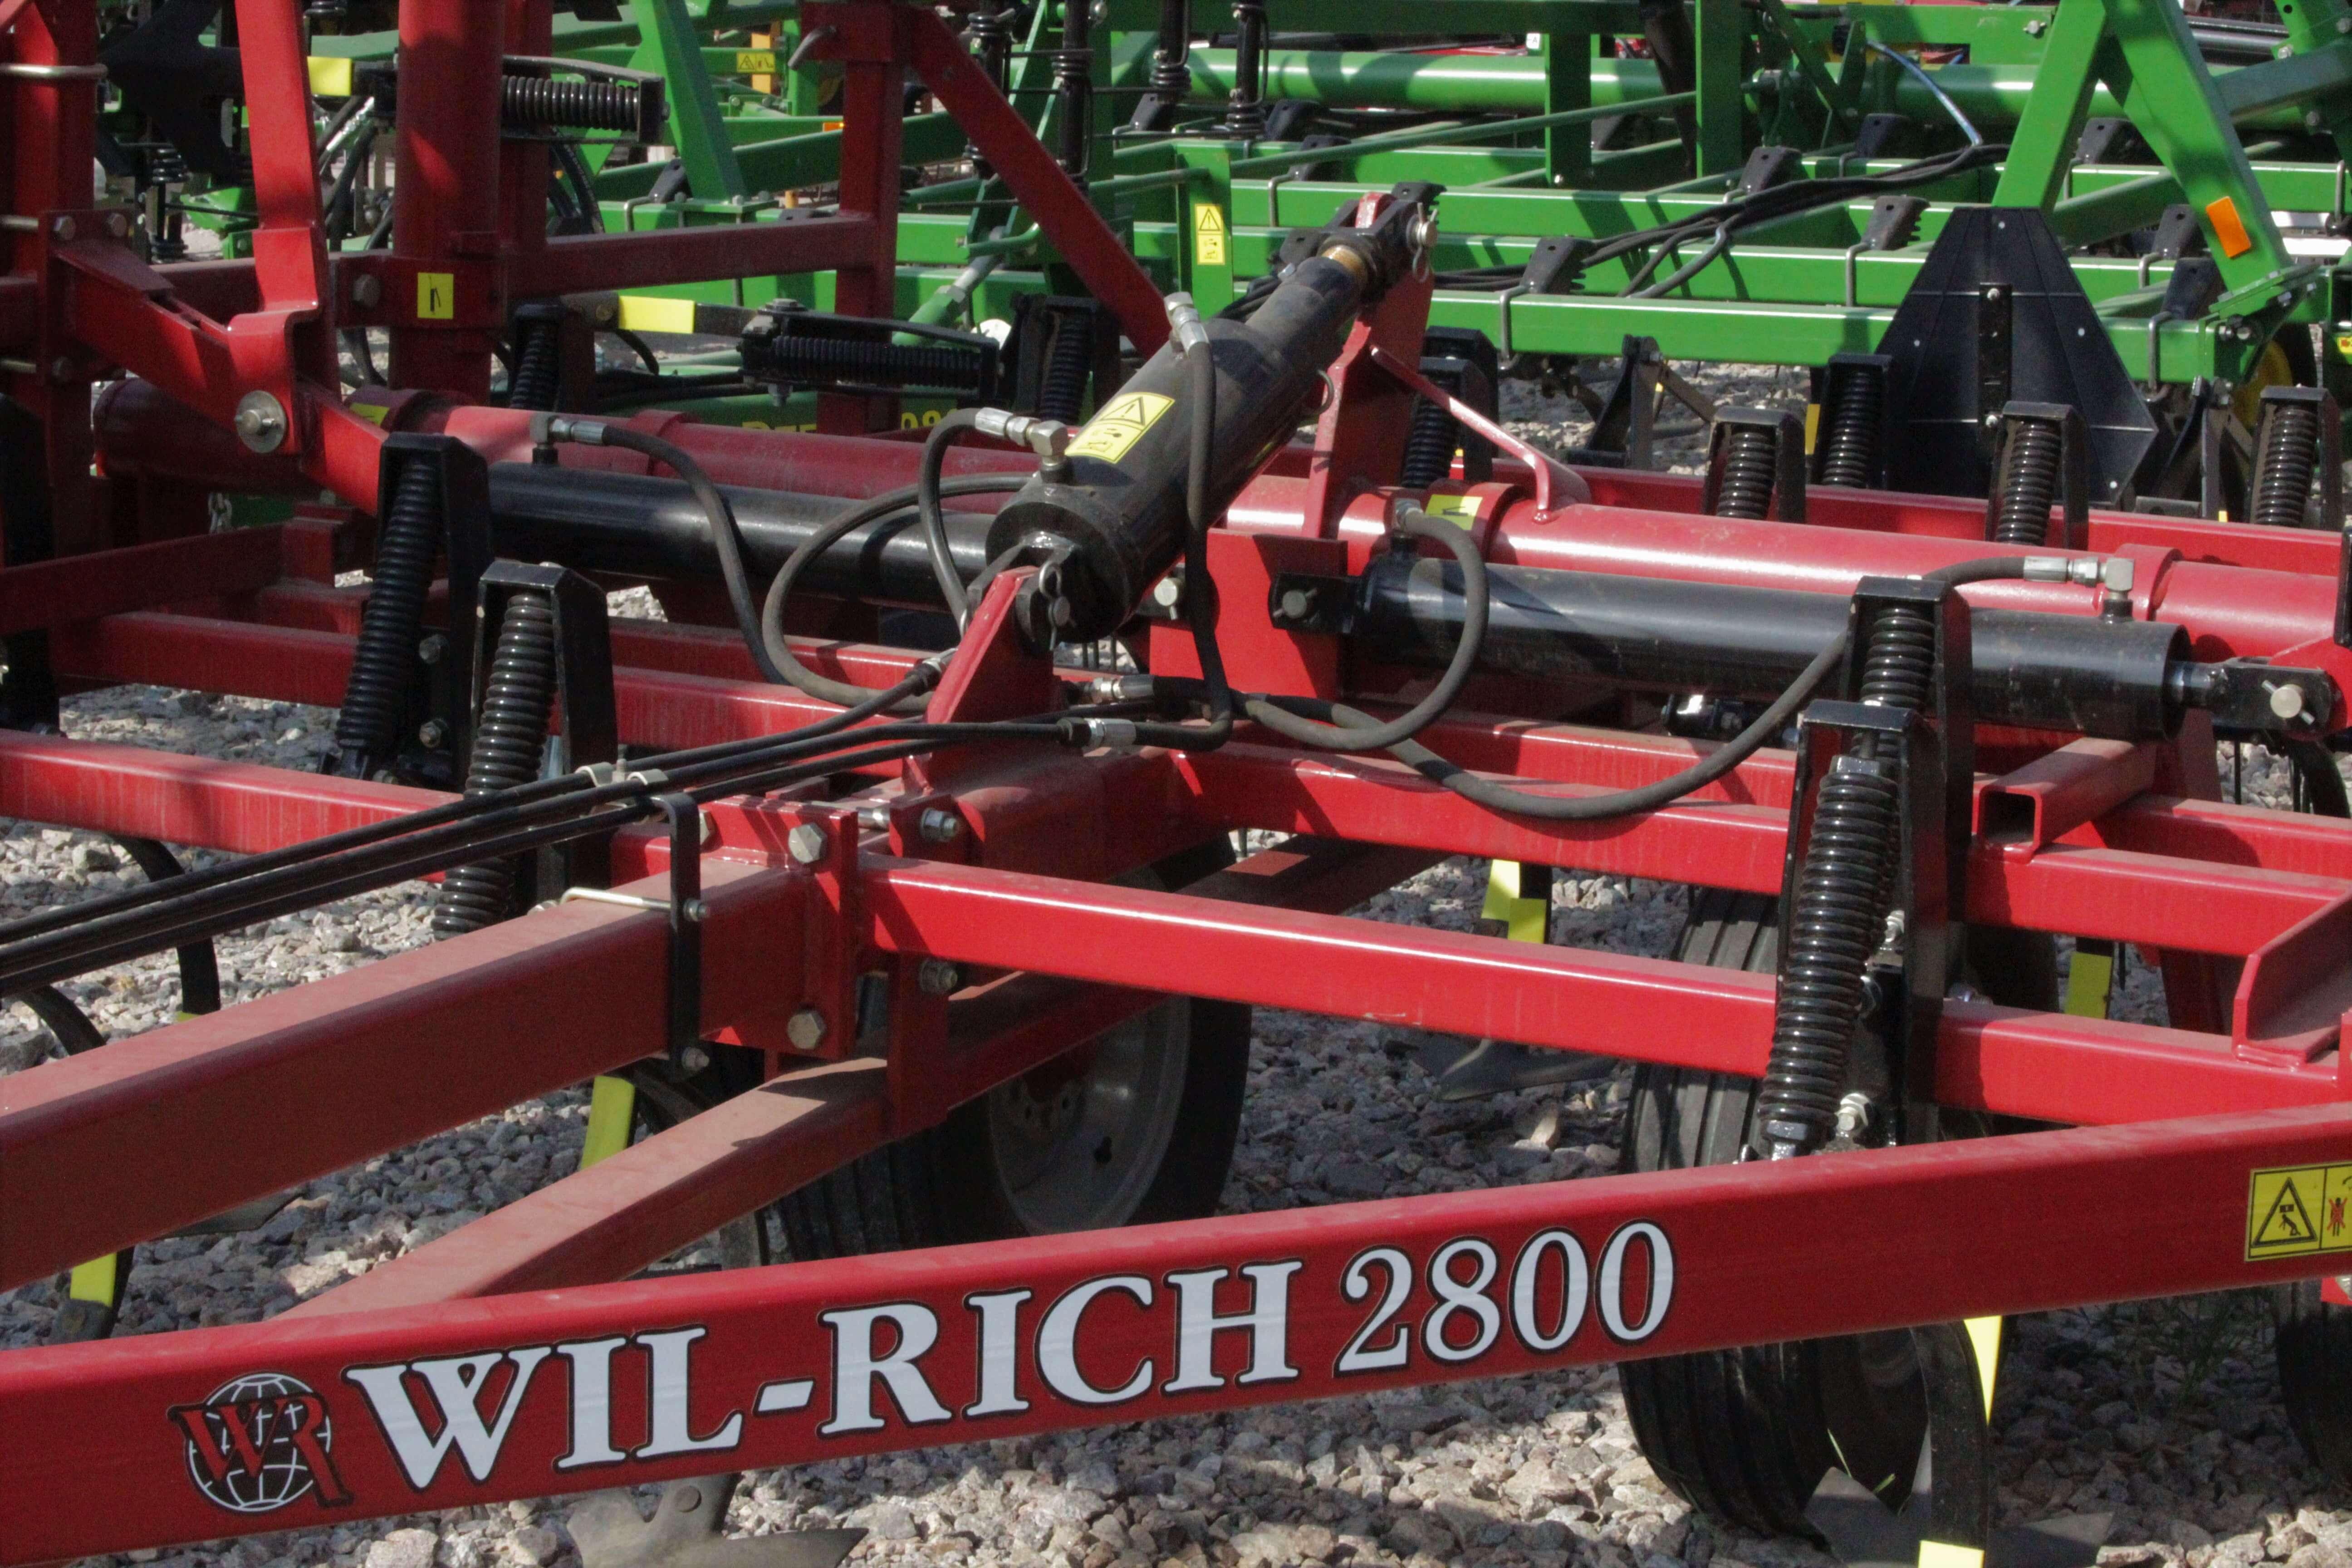 Культиватор Wil-Rich 2800 8 метров купить в Украине: цена